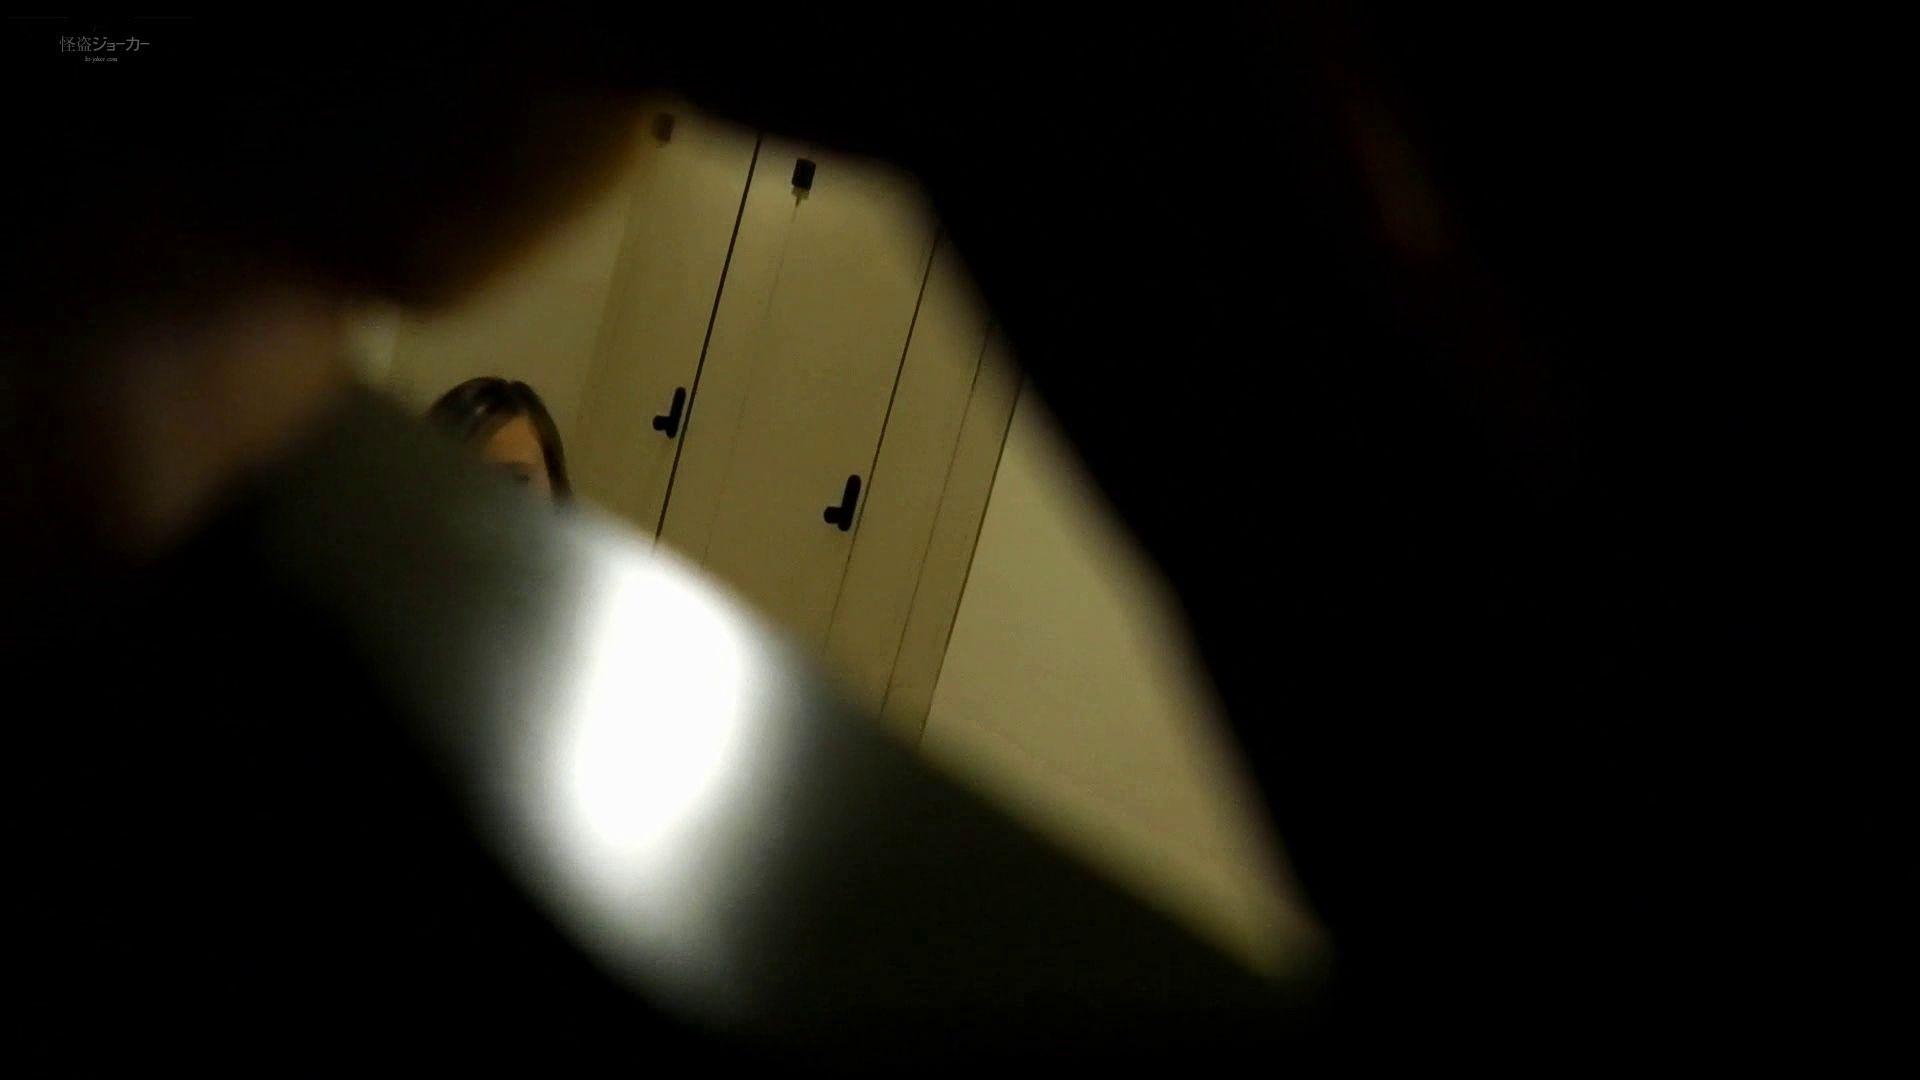 新世界の射窓 No64日本ギャル登場か?ハイヒール大特集! 洗面所着替え   ギャル・コレクション  95連発 40